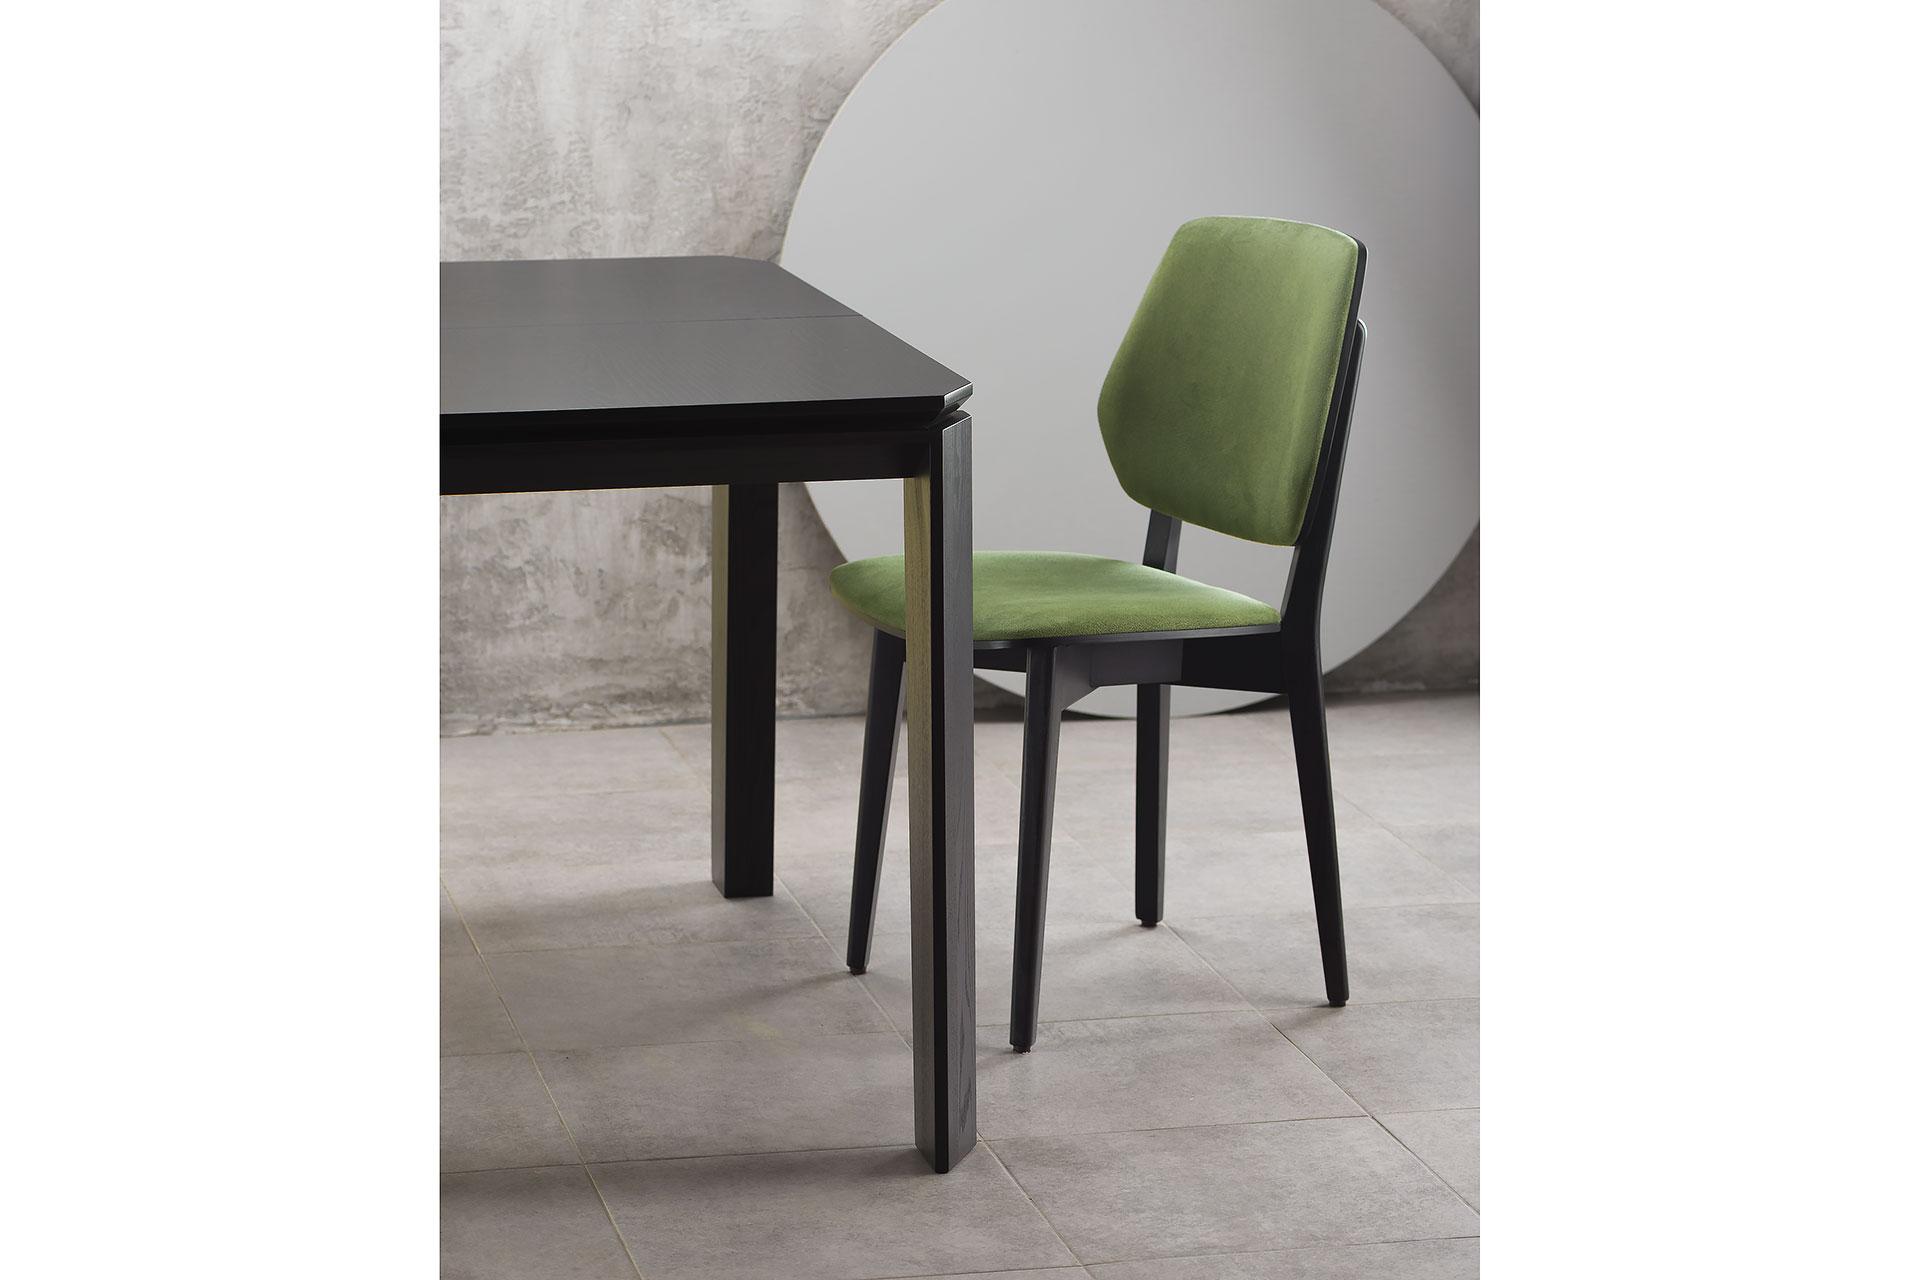 """Раскладной кухонный стол """"Варгас"""" черно-зеленый (столешница шпонированная) с твердого дерева и стул 03В, черный каркас с зеленой мягкой спинкой и сиденьем со штучной замши Exim Mustang Light Green"""